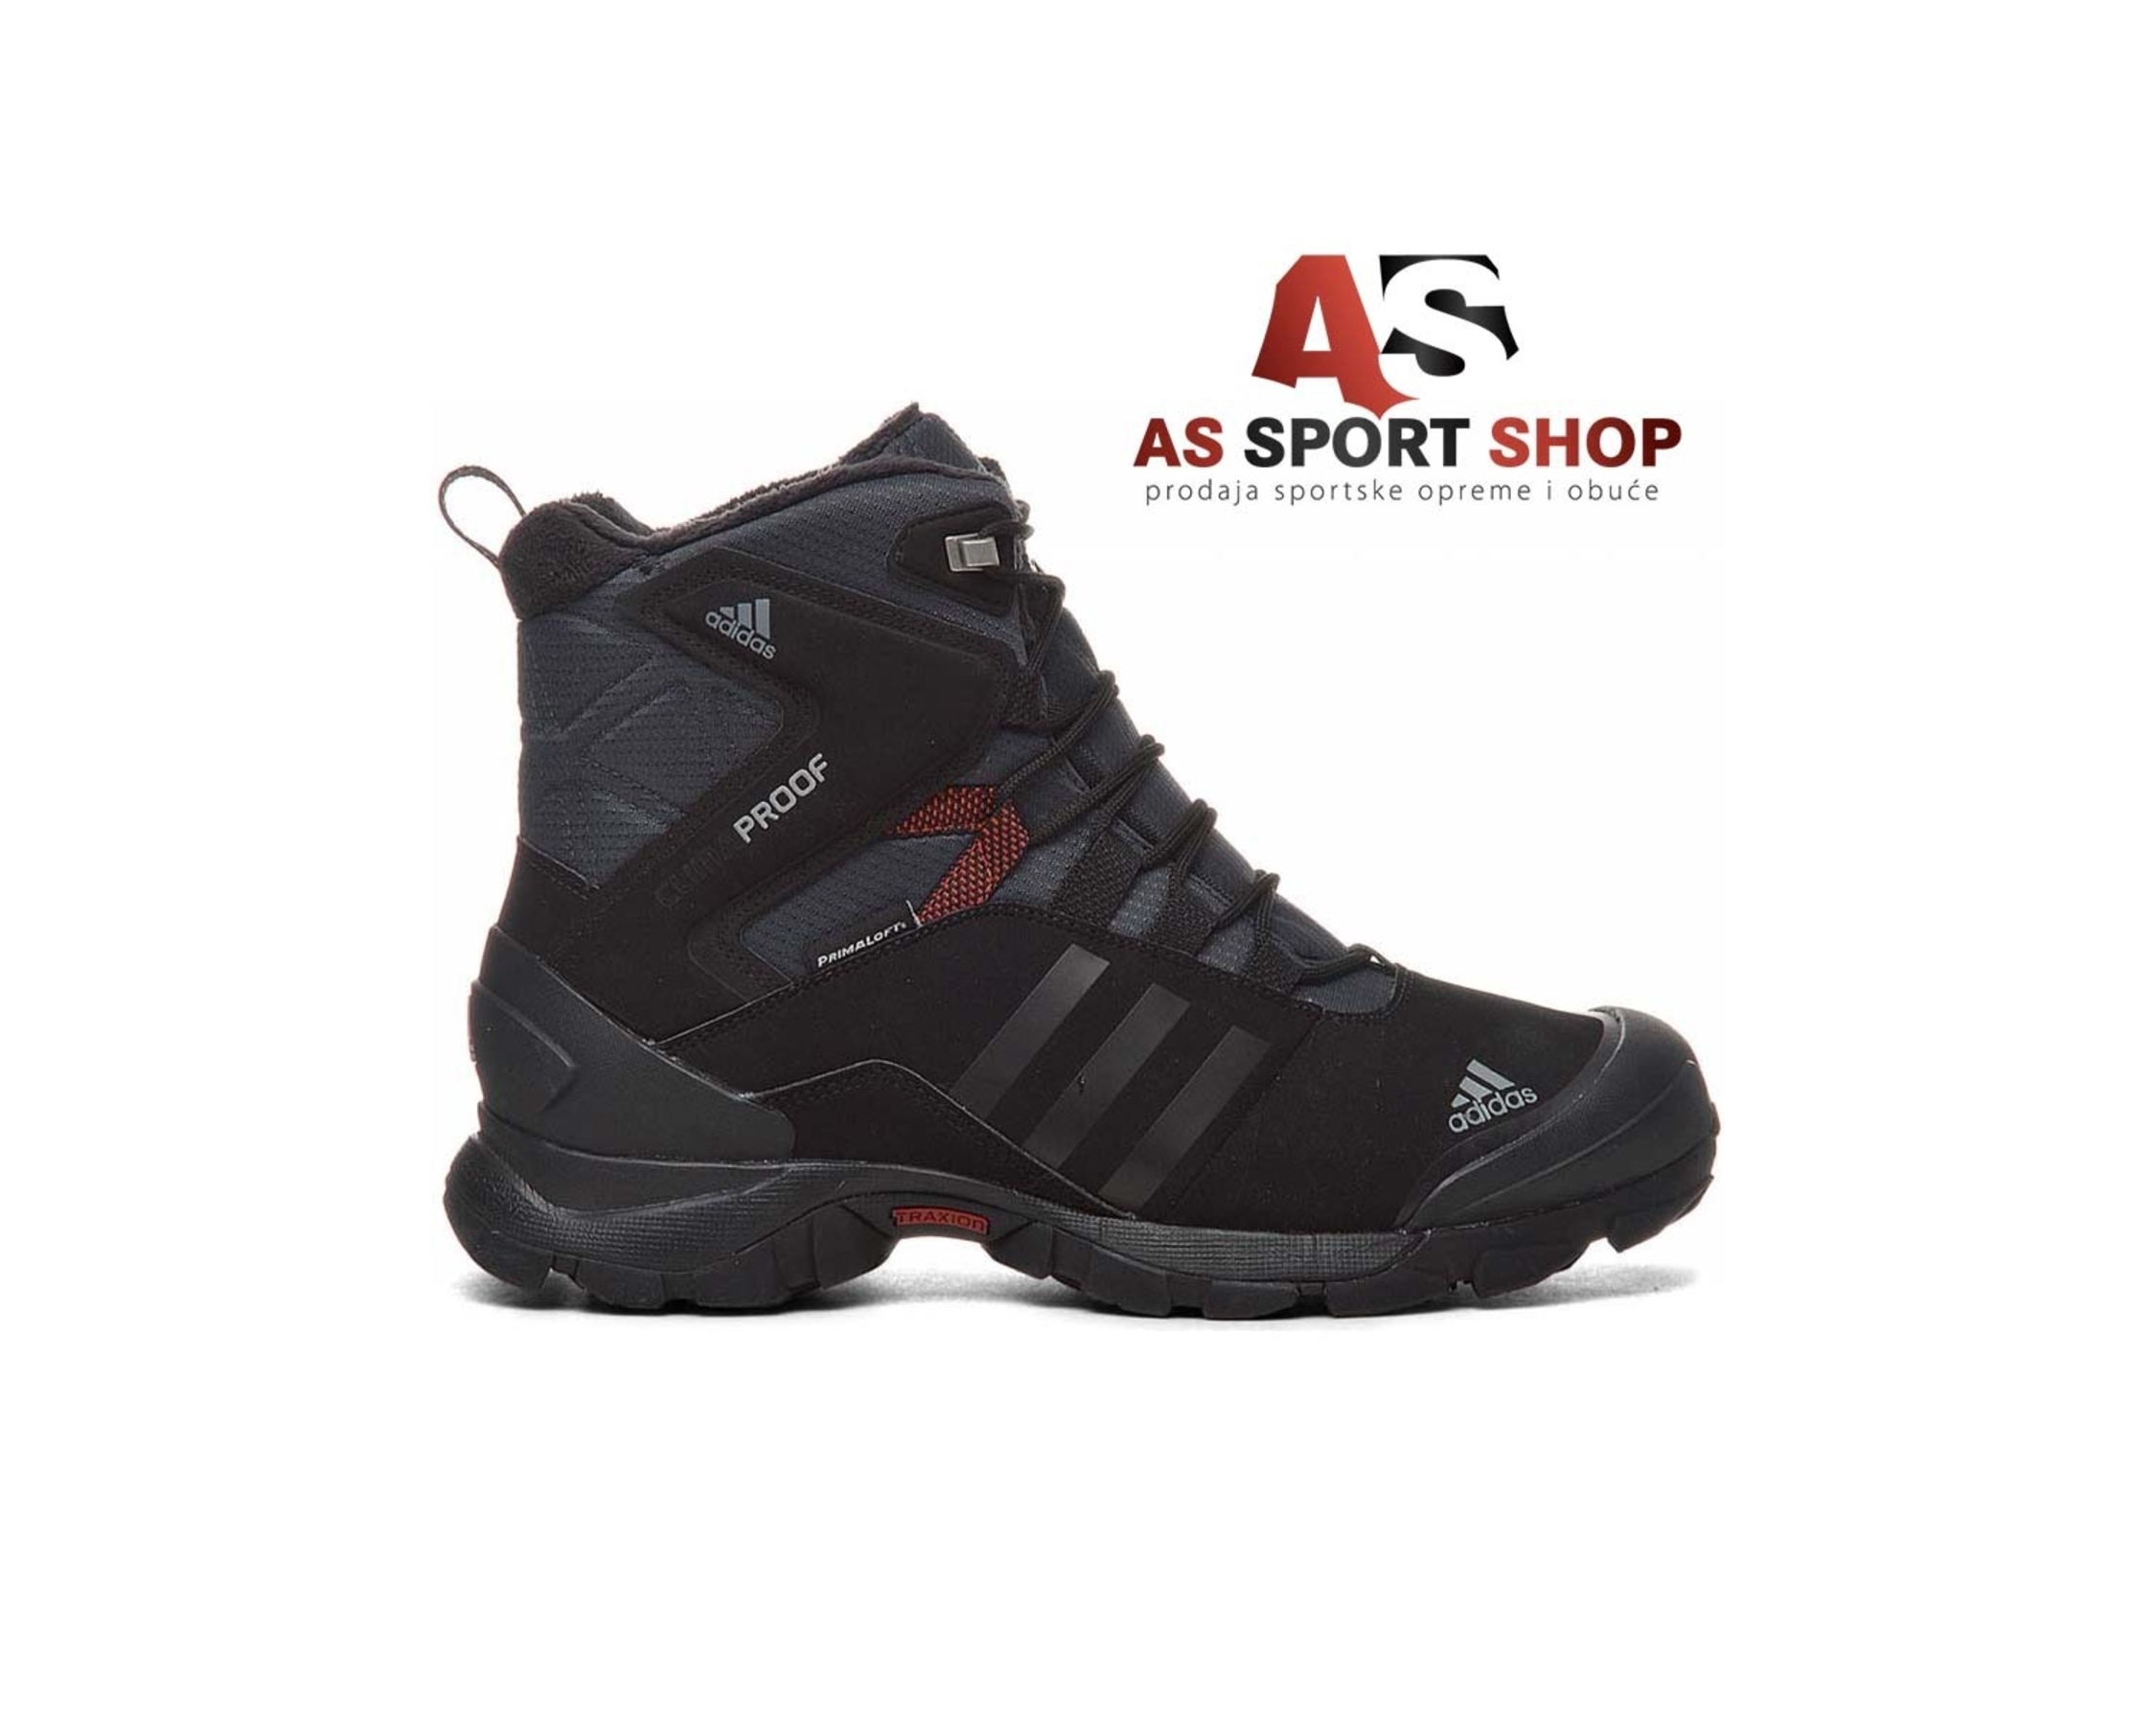 Adidas Winter Hiker Speed muske duboke cipele As Sport